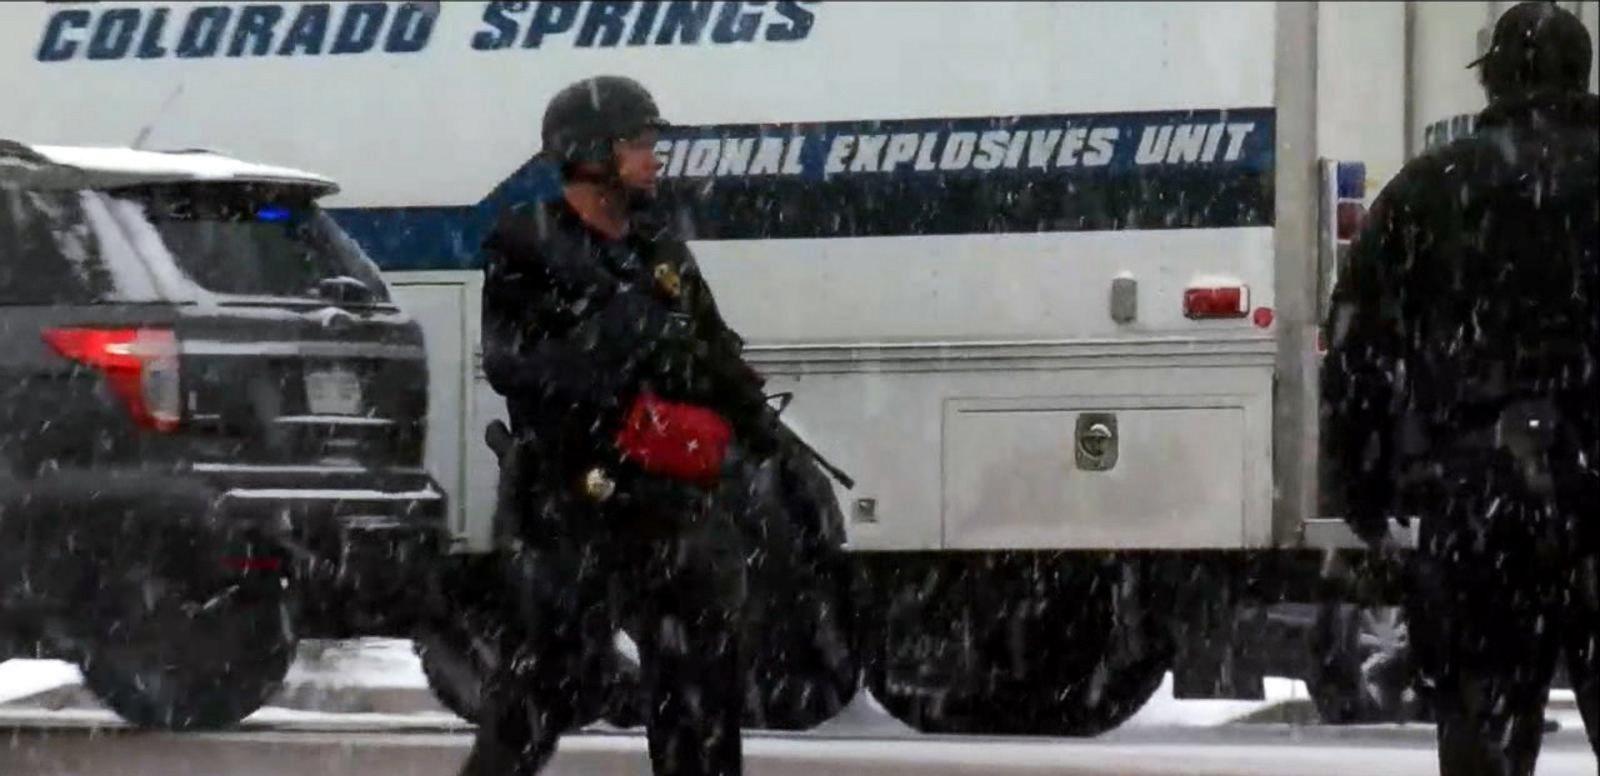 VIDEO: Shooting in Colorado Springs Leaves 3 Dead